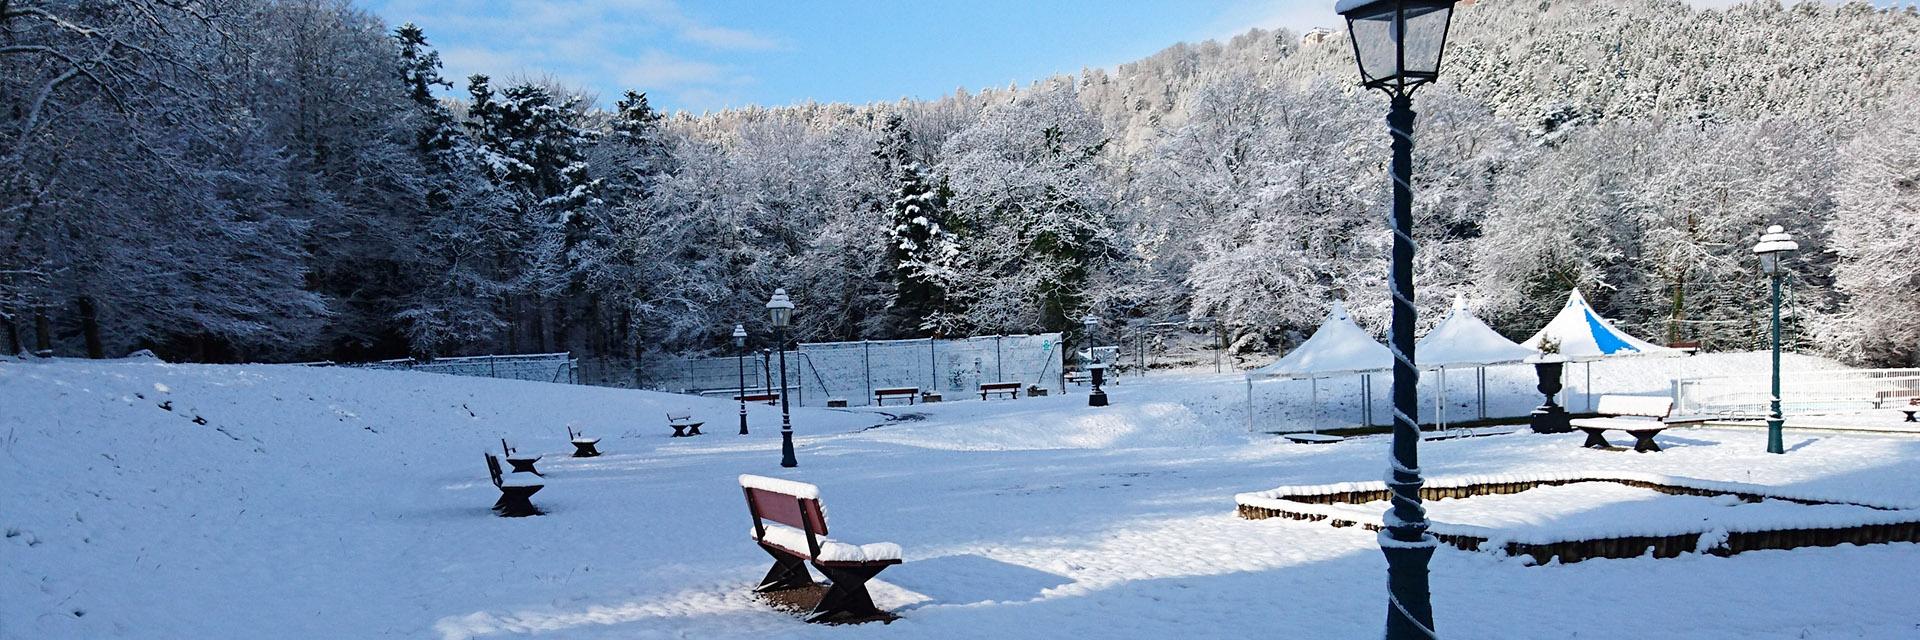 village-club-cap-france-vosqes-alsace-domaine-saint-jasques-paysage-hiver